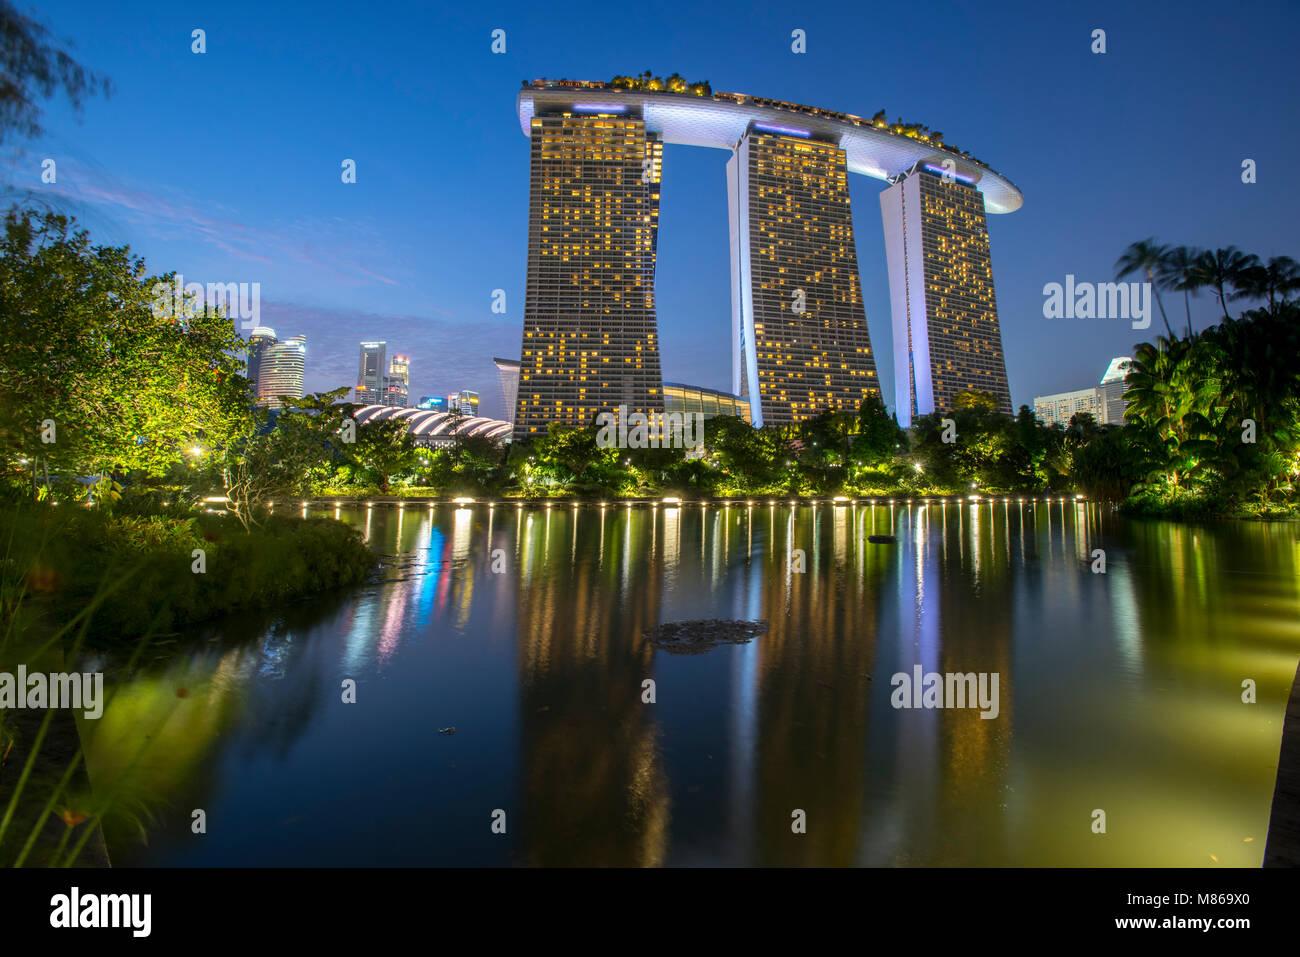 Cityscapes par jour et nuit, avec Singapour ou Dubaï. Pour Singapour, avec Marina Bay Sands par le port. Dubai Photo Stock